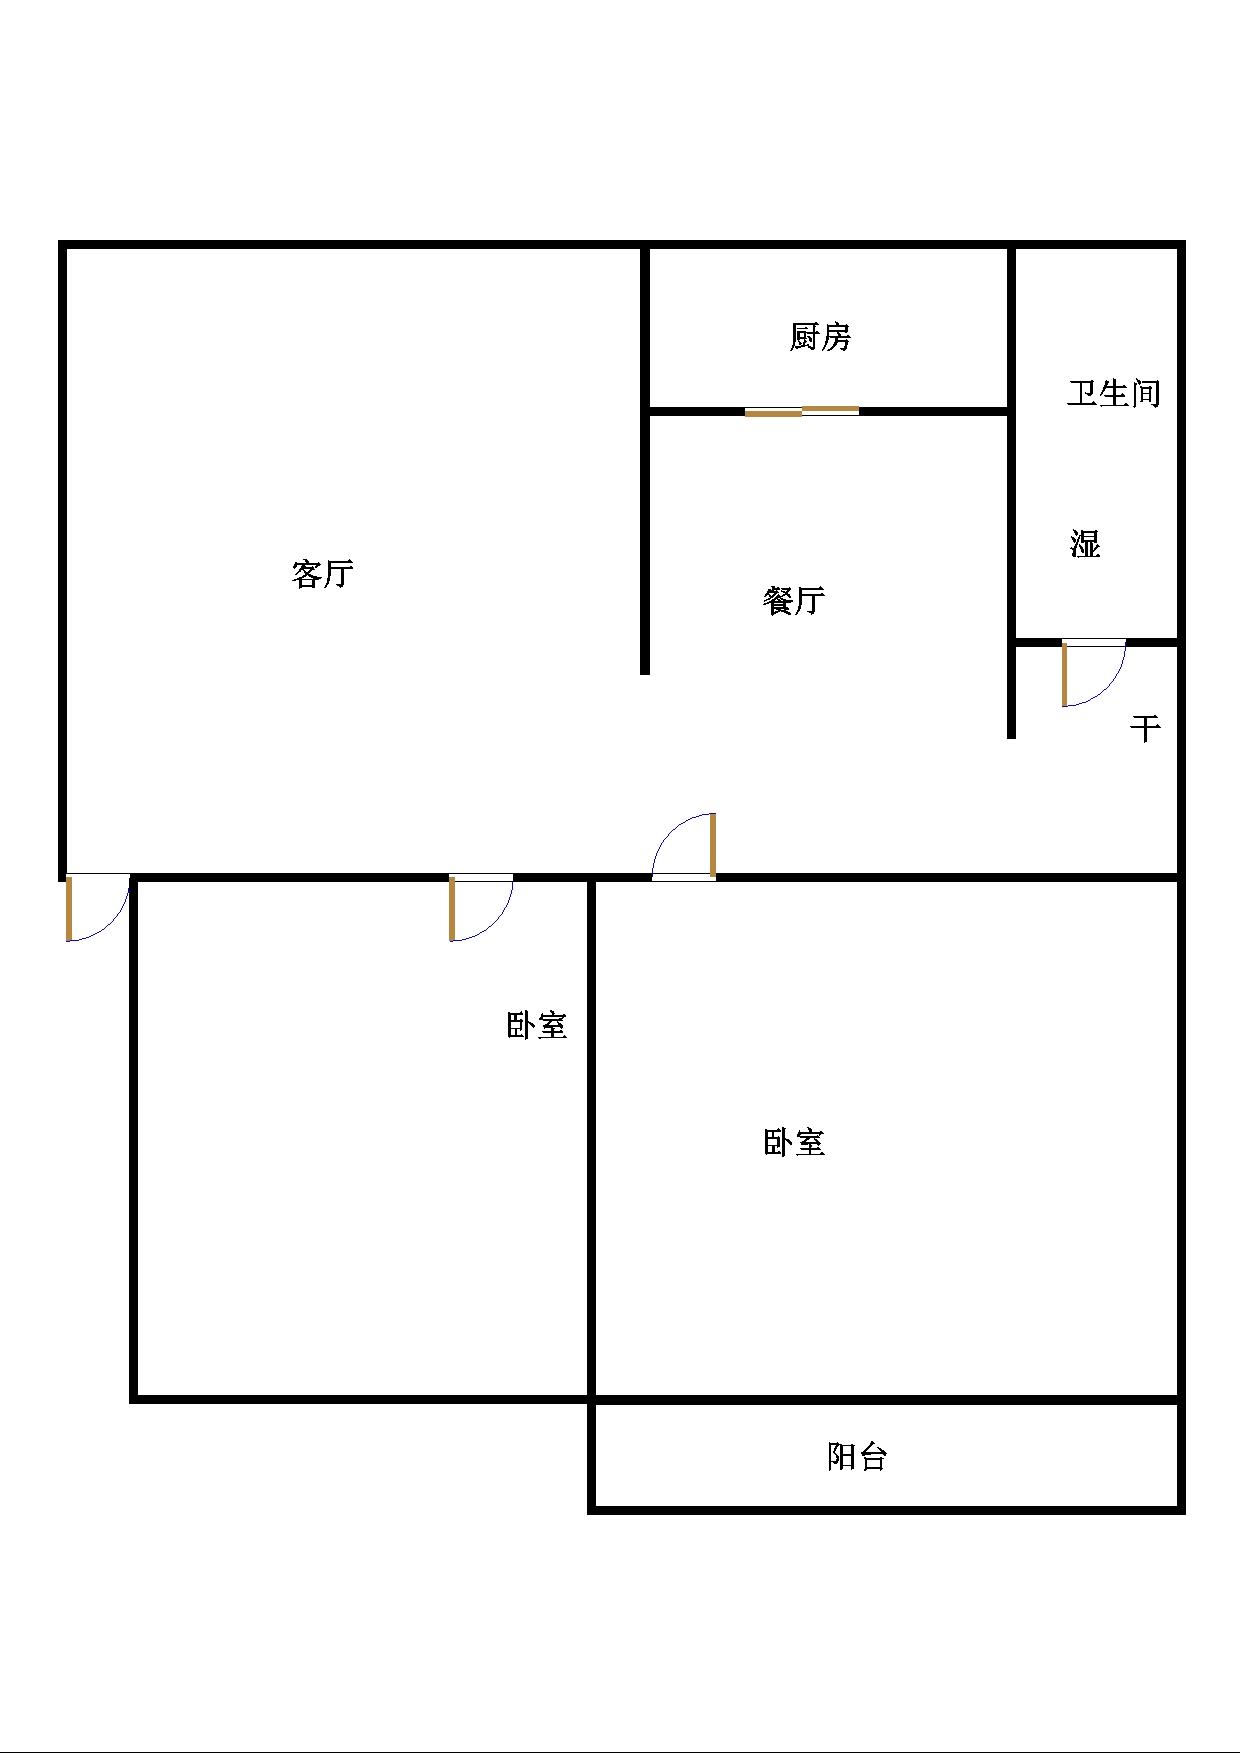 尚城国际 2室2厅  简装 88万